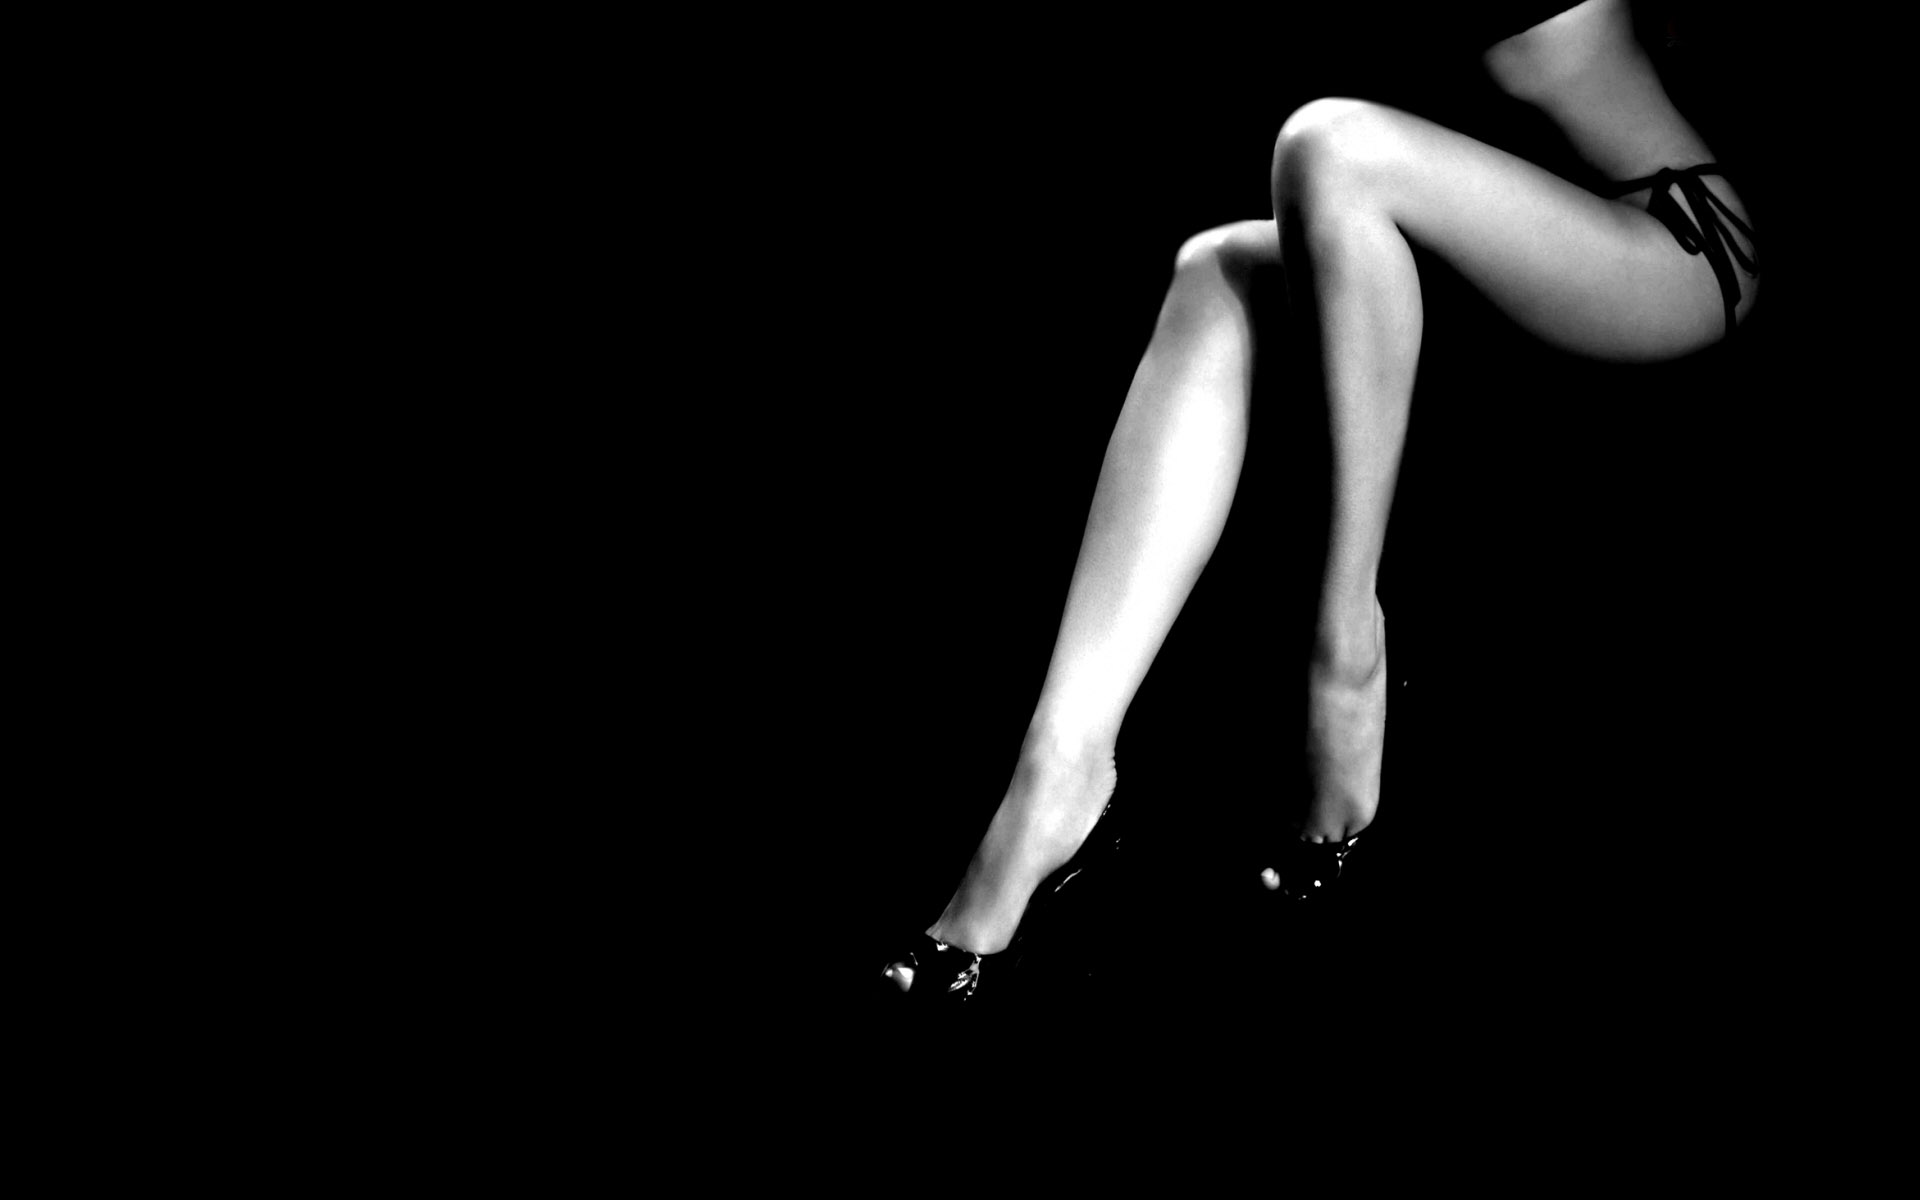 Эро фото девочка расширила ножки 5 фотография